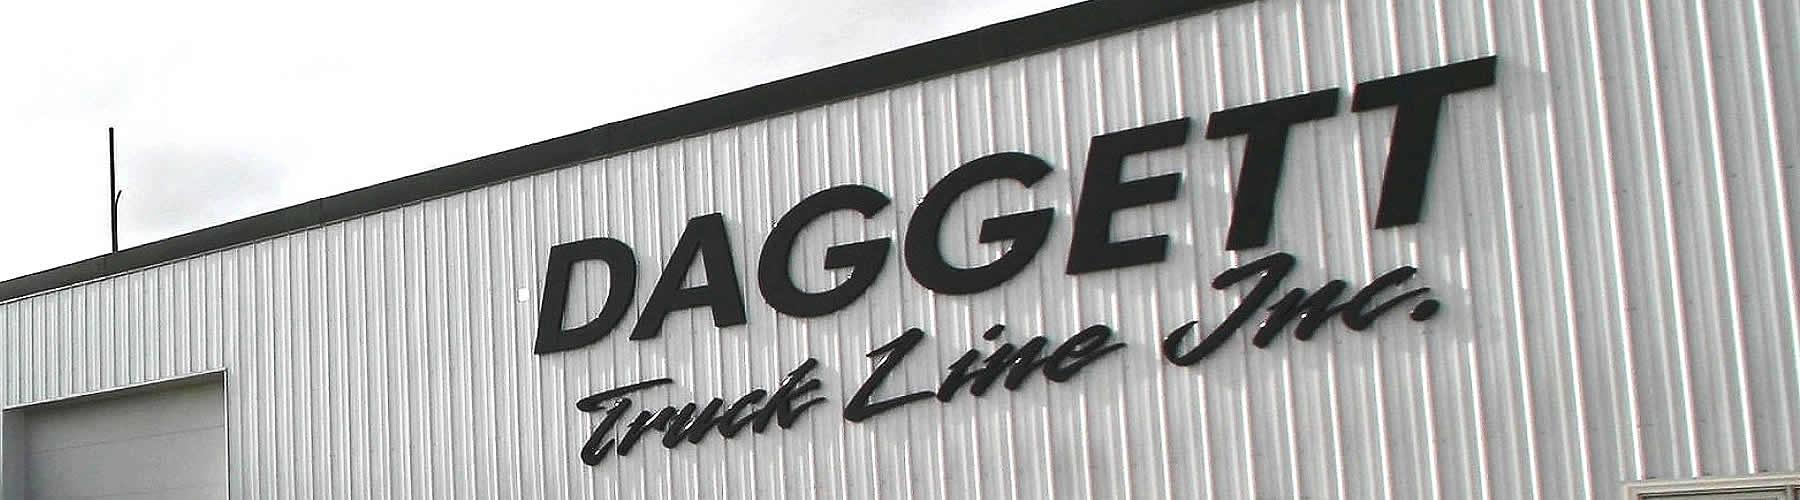 The Daggett Truck Line Inc. office in Frazee, Minnesota.